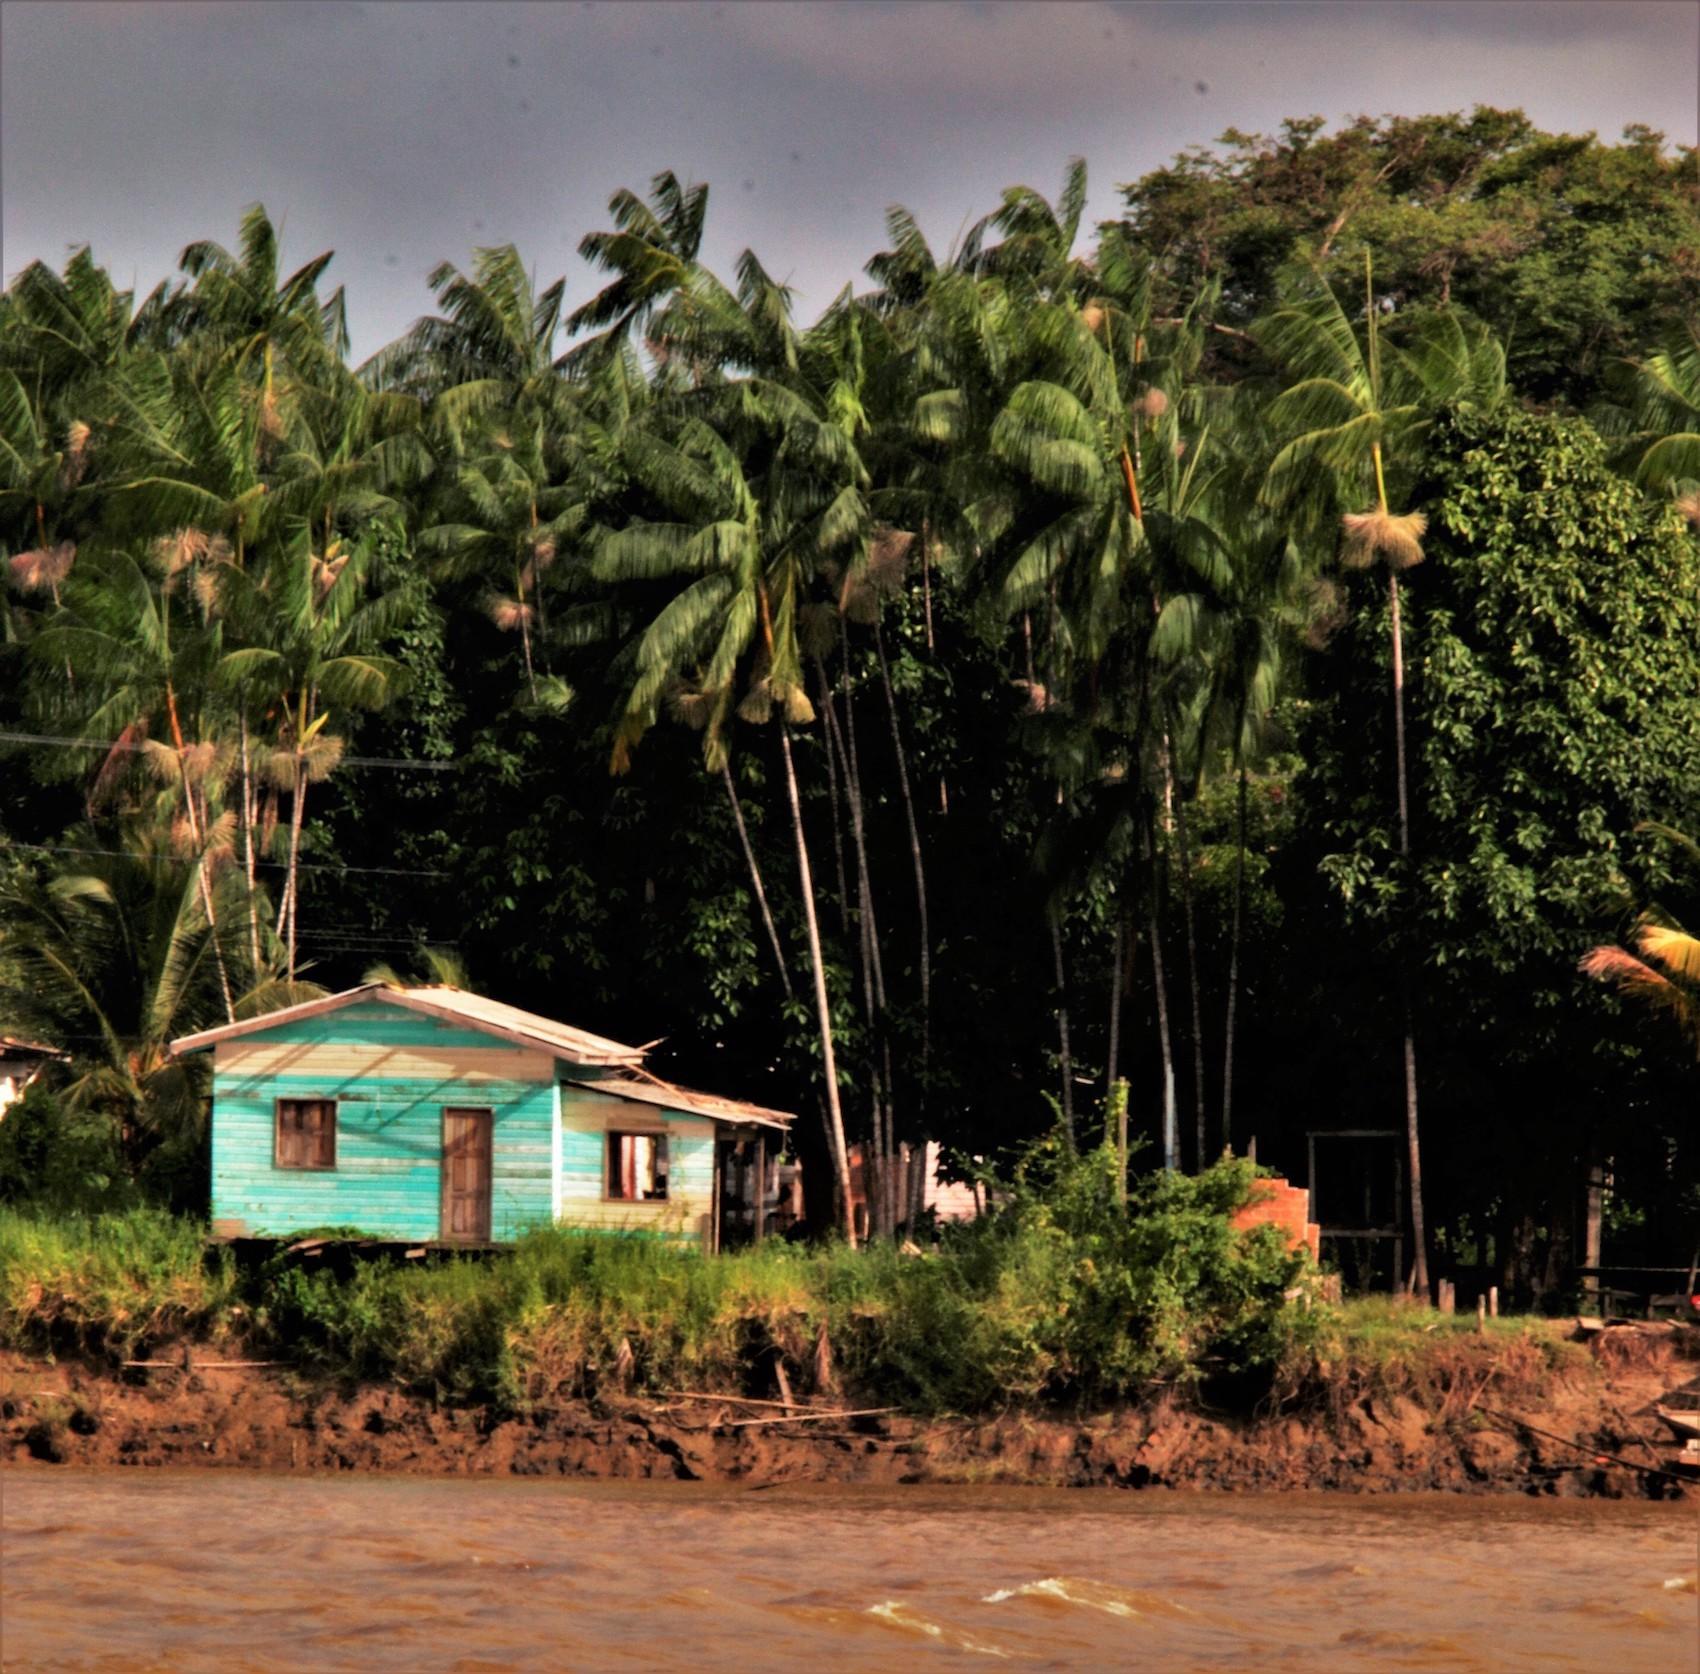 Un palafitte de bois, habitat typique de la région amazonienne, où vivent les paysans riverains. ©Lauriane dos Santos